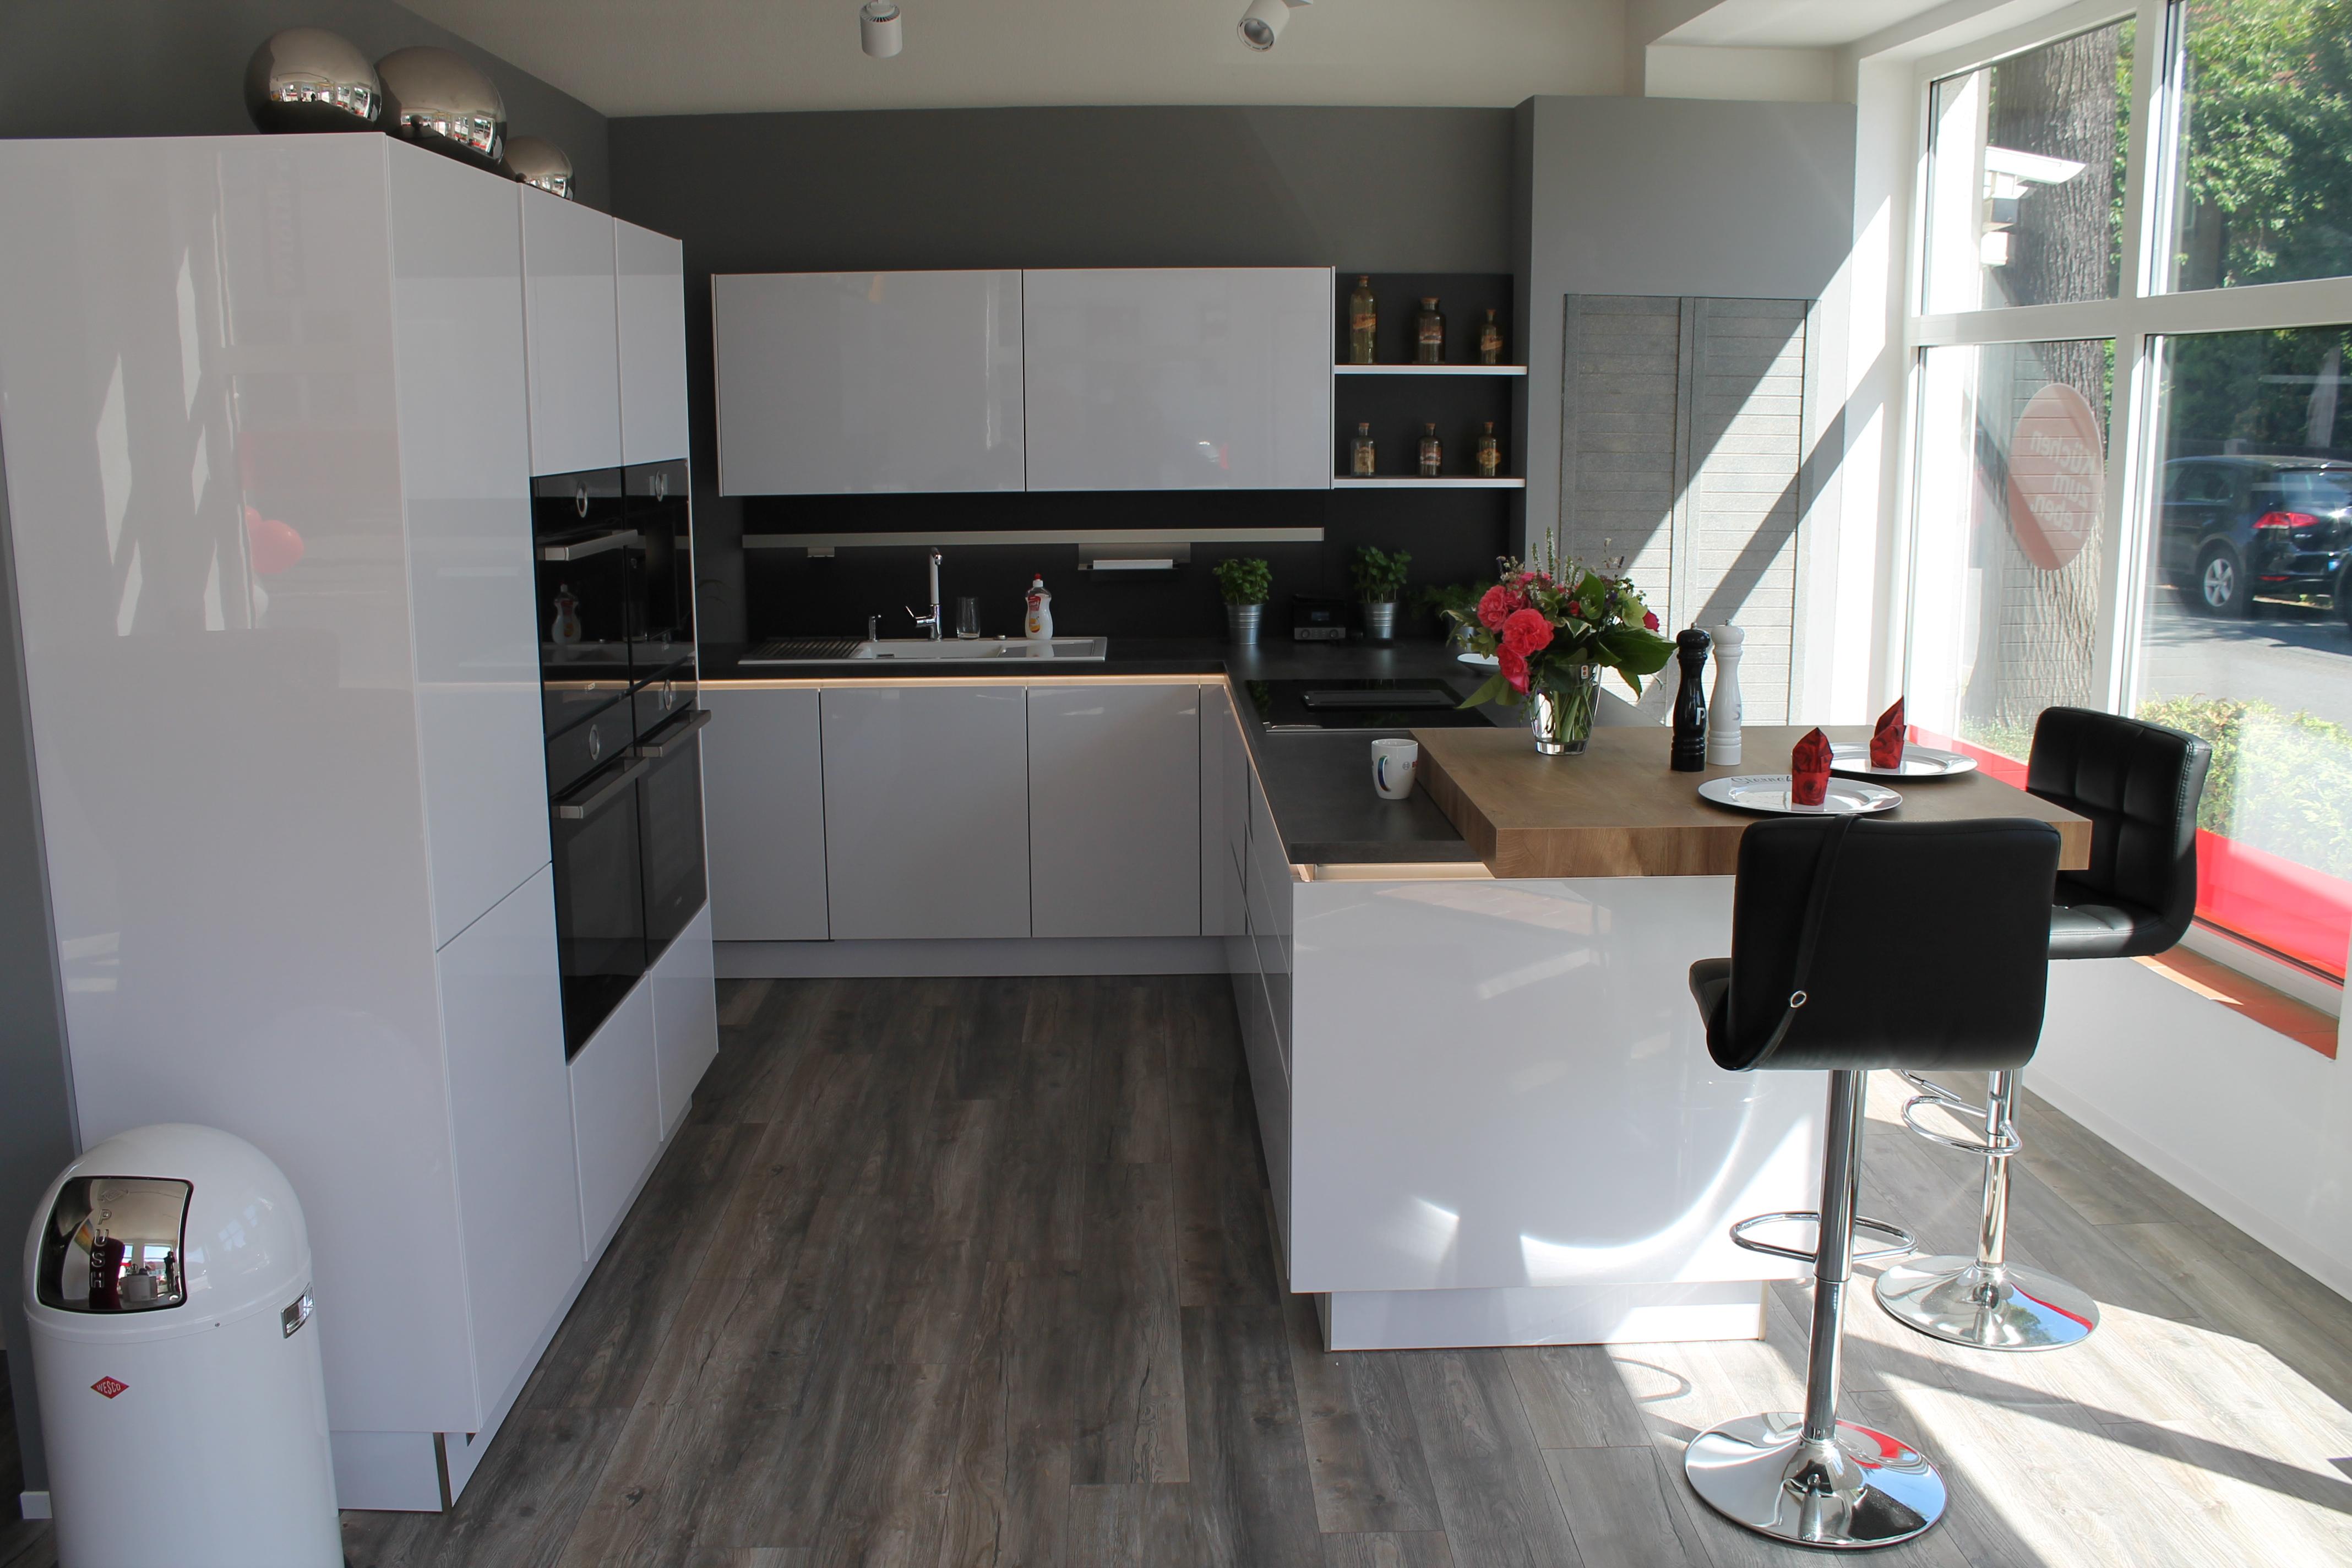 k che co dresden b hlau in 01324 dresden. Black Bedroom Furniture Sets. Home Design Ideas